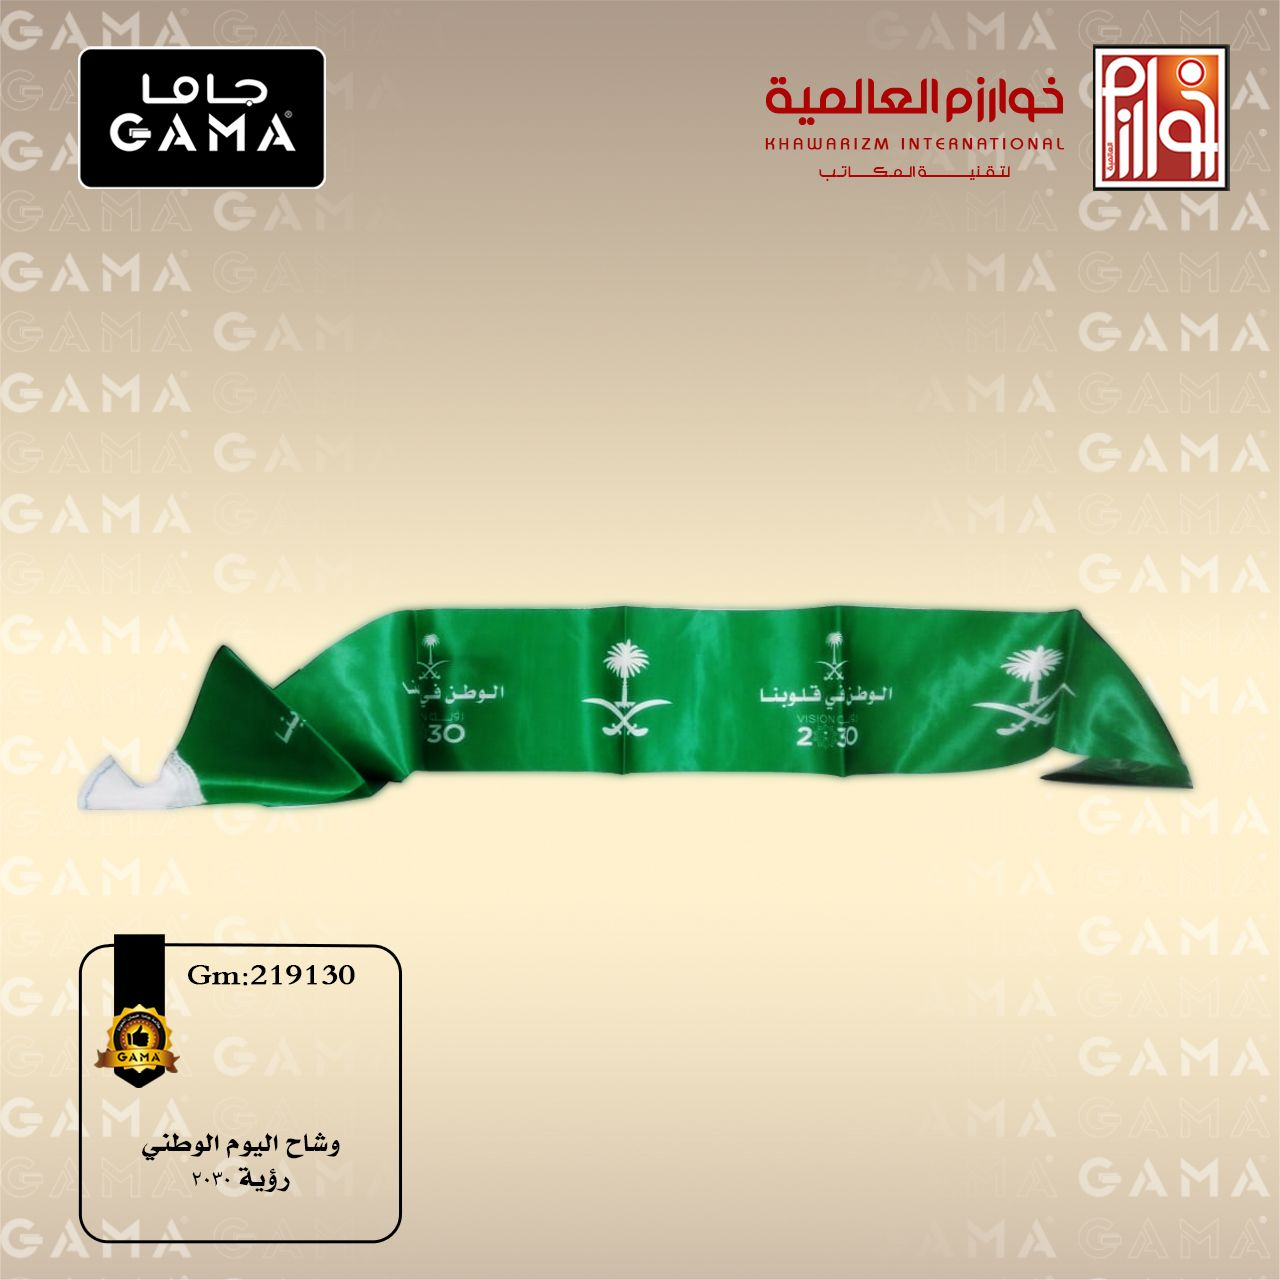 وشاح اليوم الوطني السعودي Stationery Movie Posters Poster